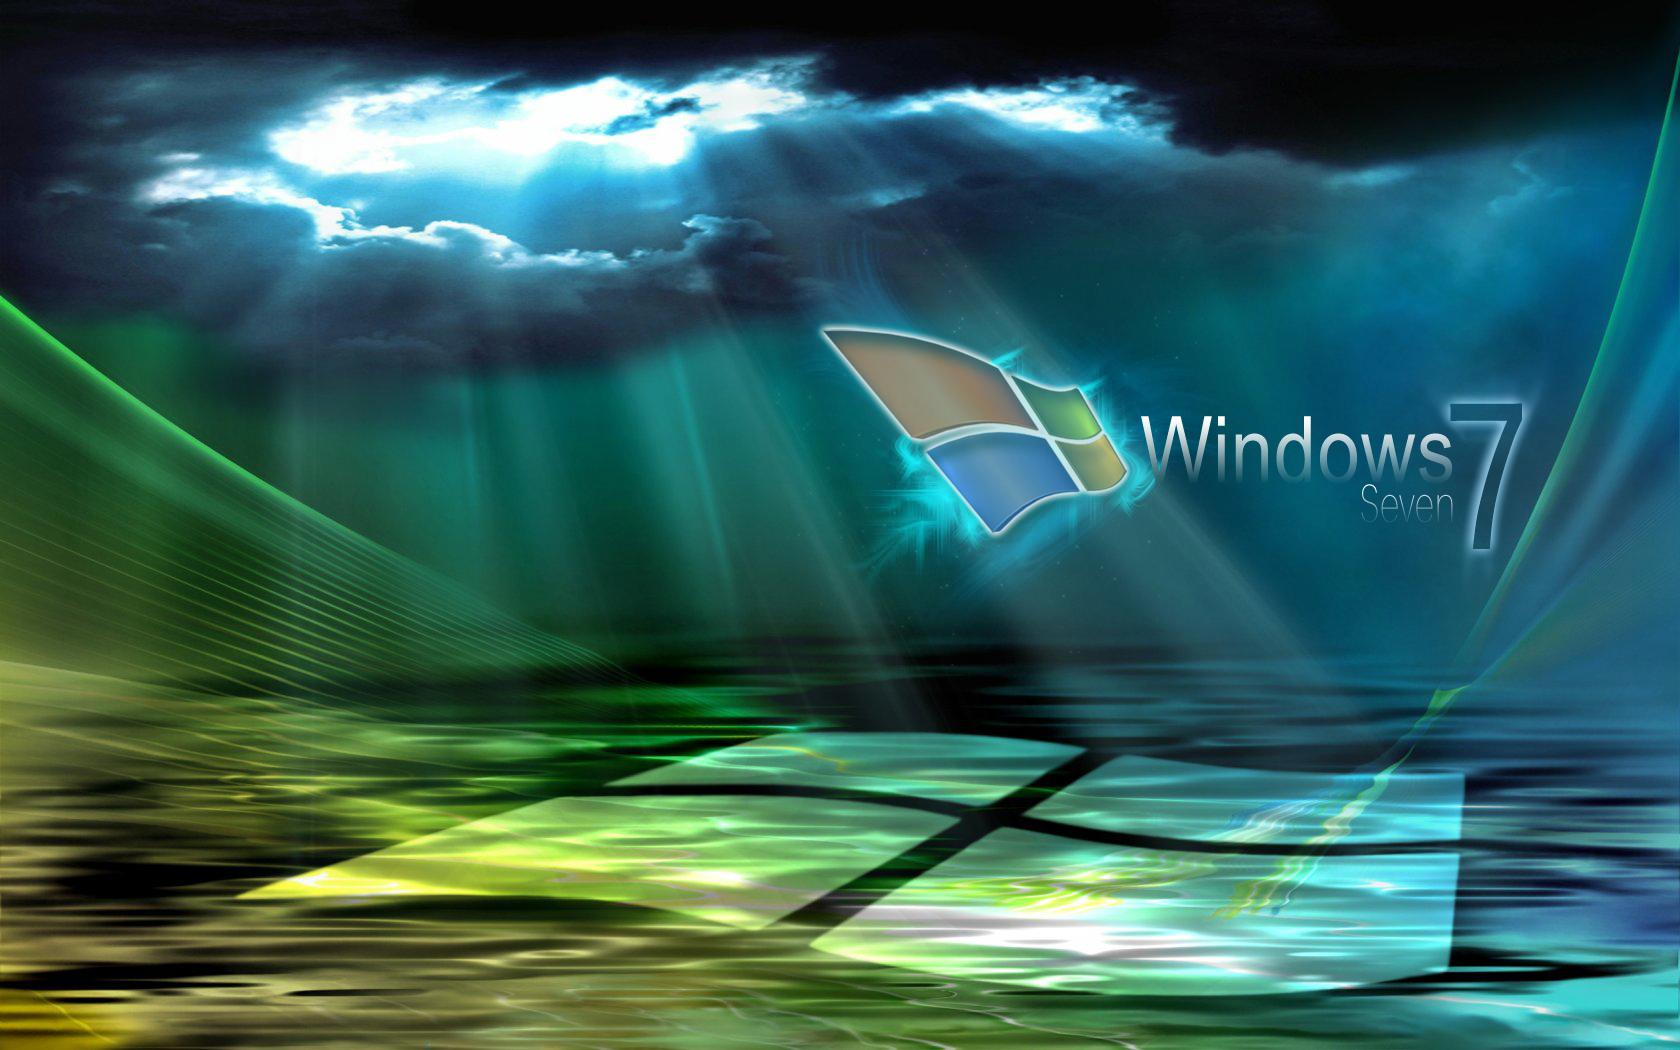 Hack Wallpaper Windows 8 - WallpaperSafari